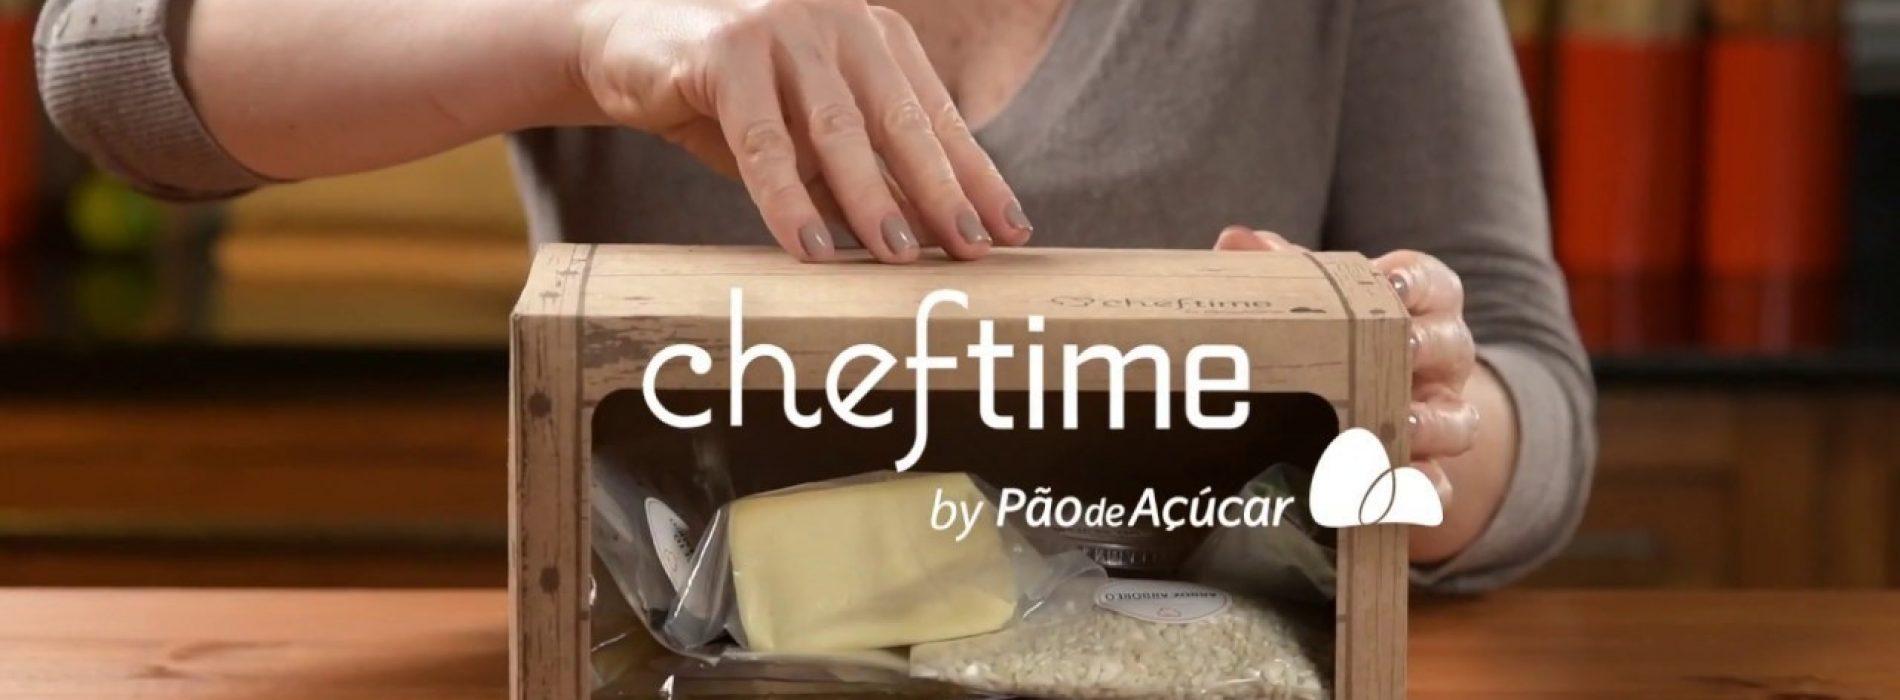 Um novo jeito de cozinhar: kits Cheftime by Pão de Açúcar